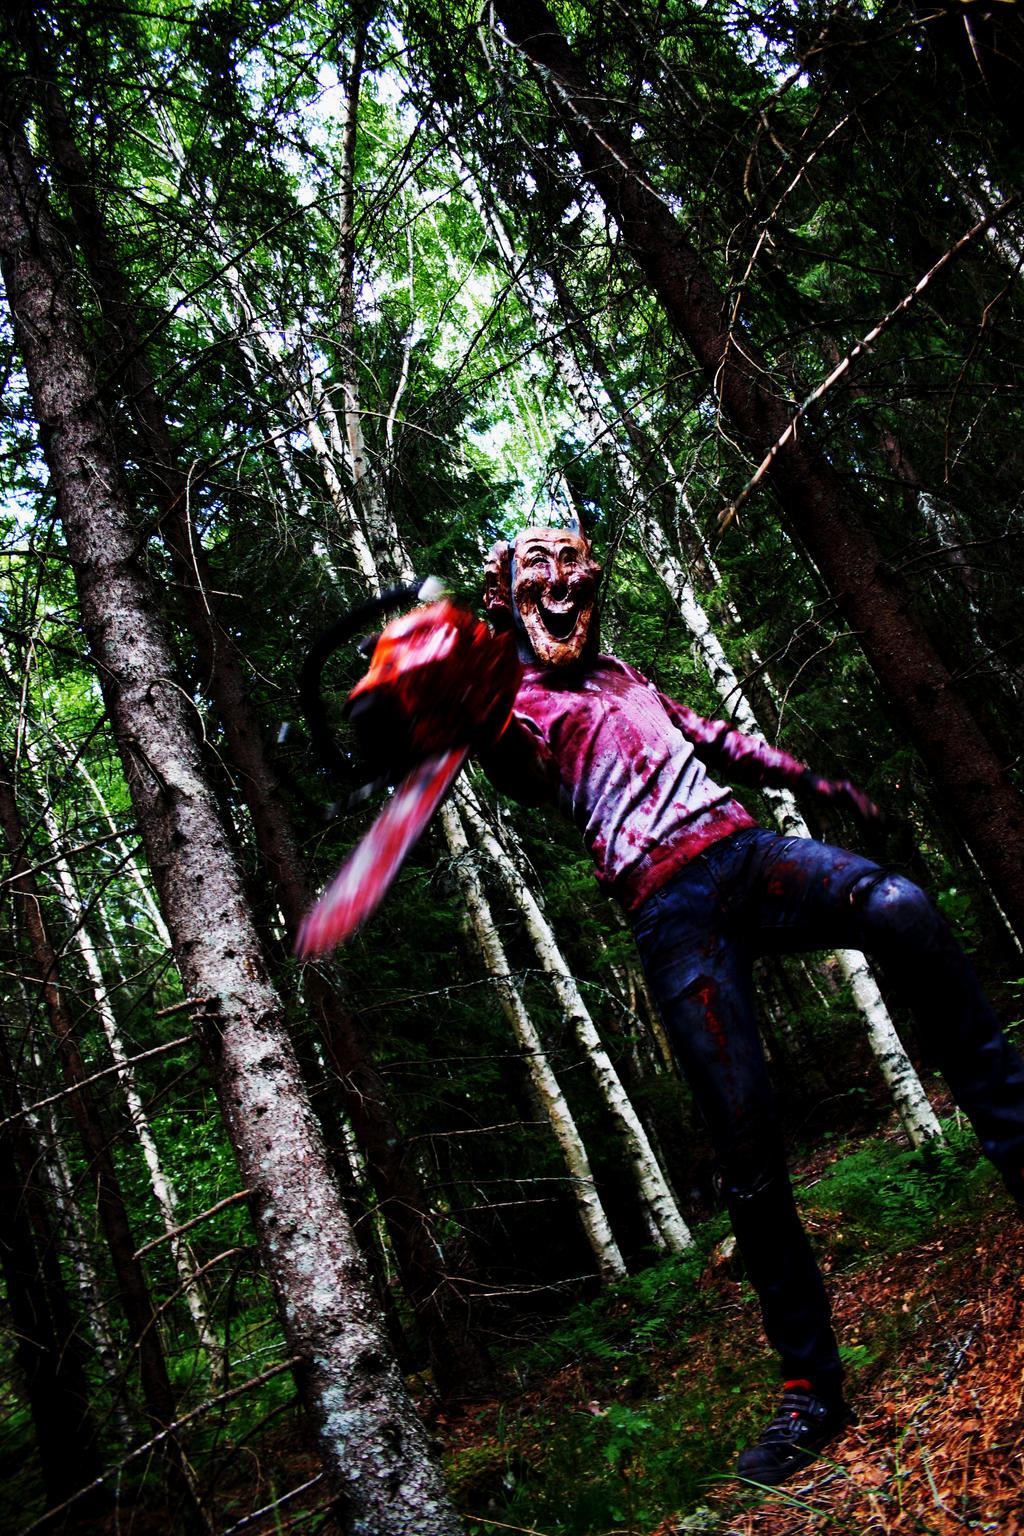 Insane forest (Sawrunner cosplay) by GTAtomten on DeviantArt